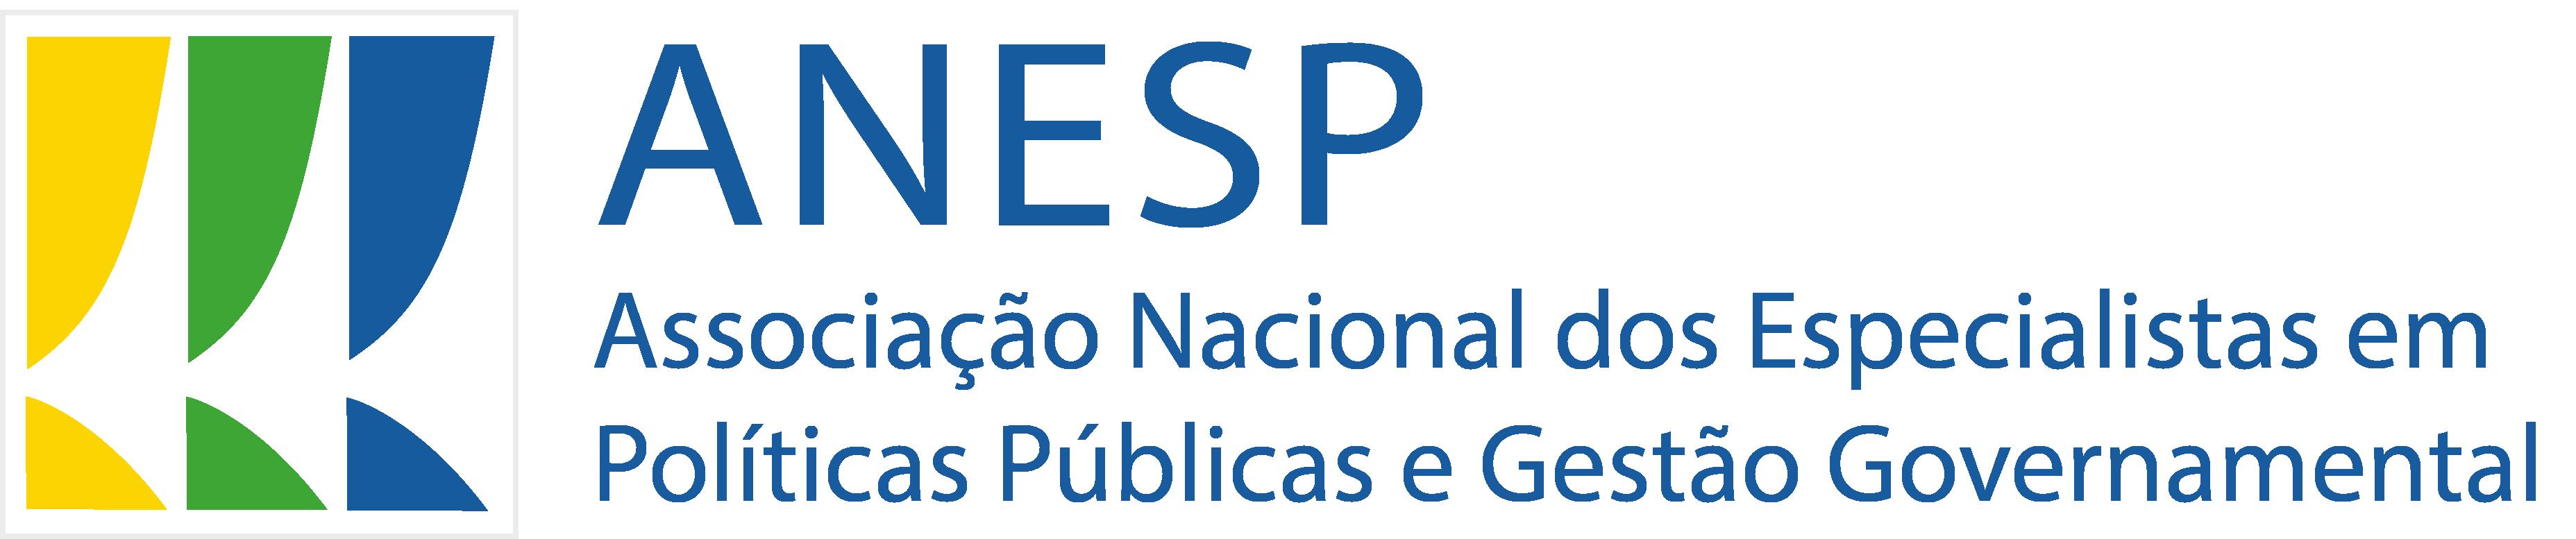 Logo da ANESP